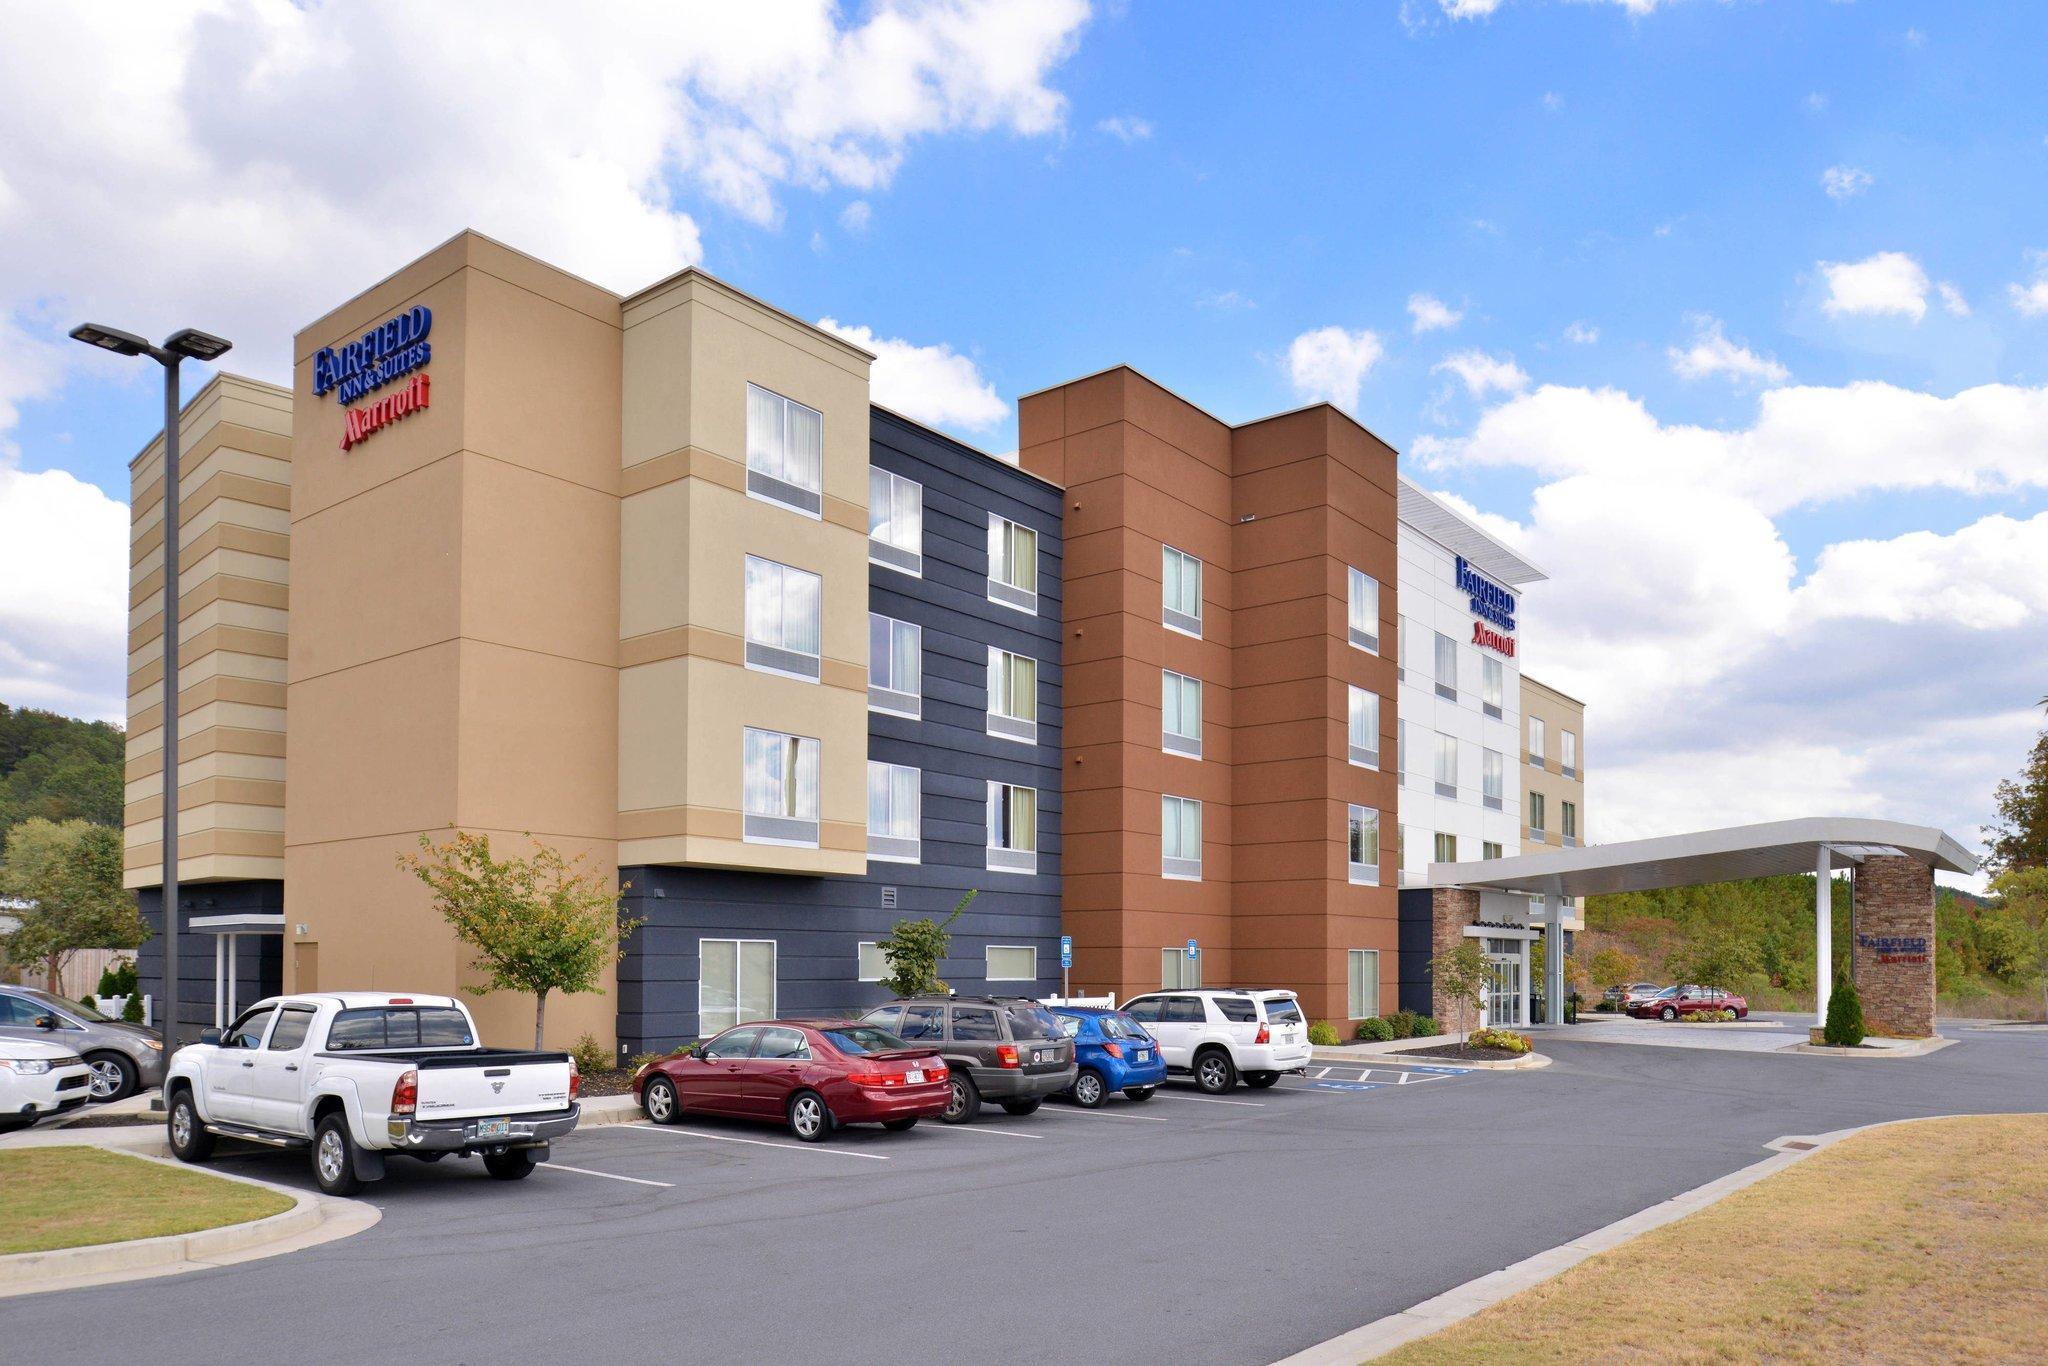 Fairfield Inn And Suites Calhoun